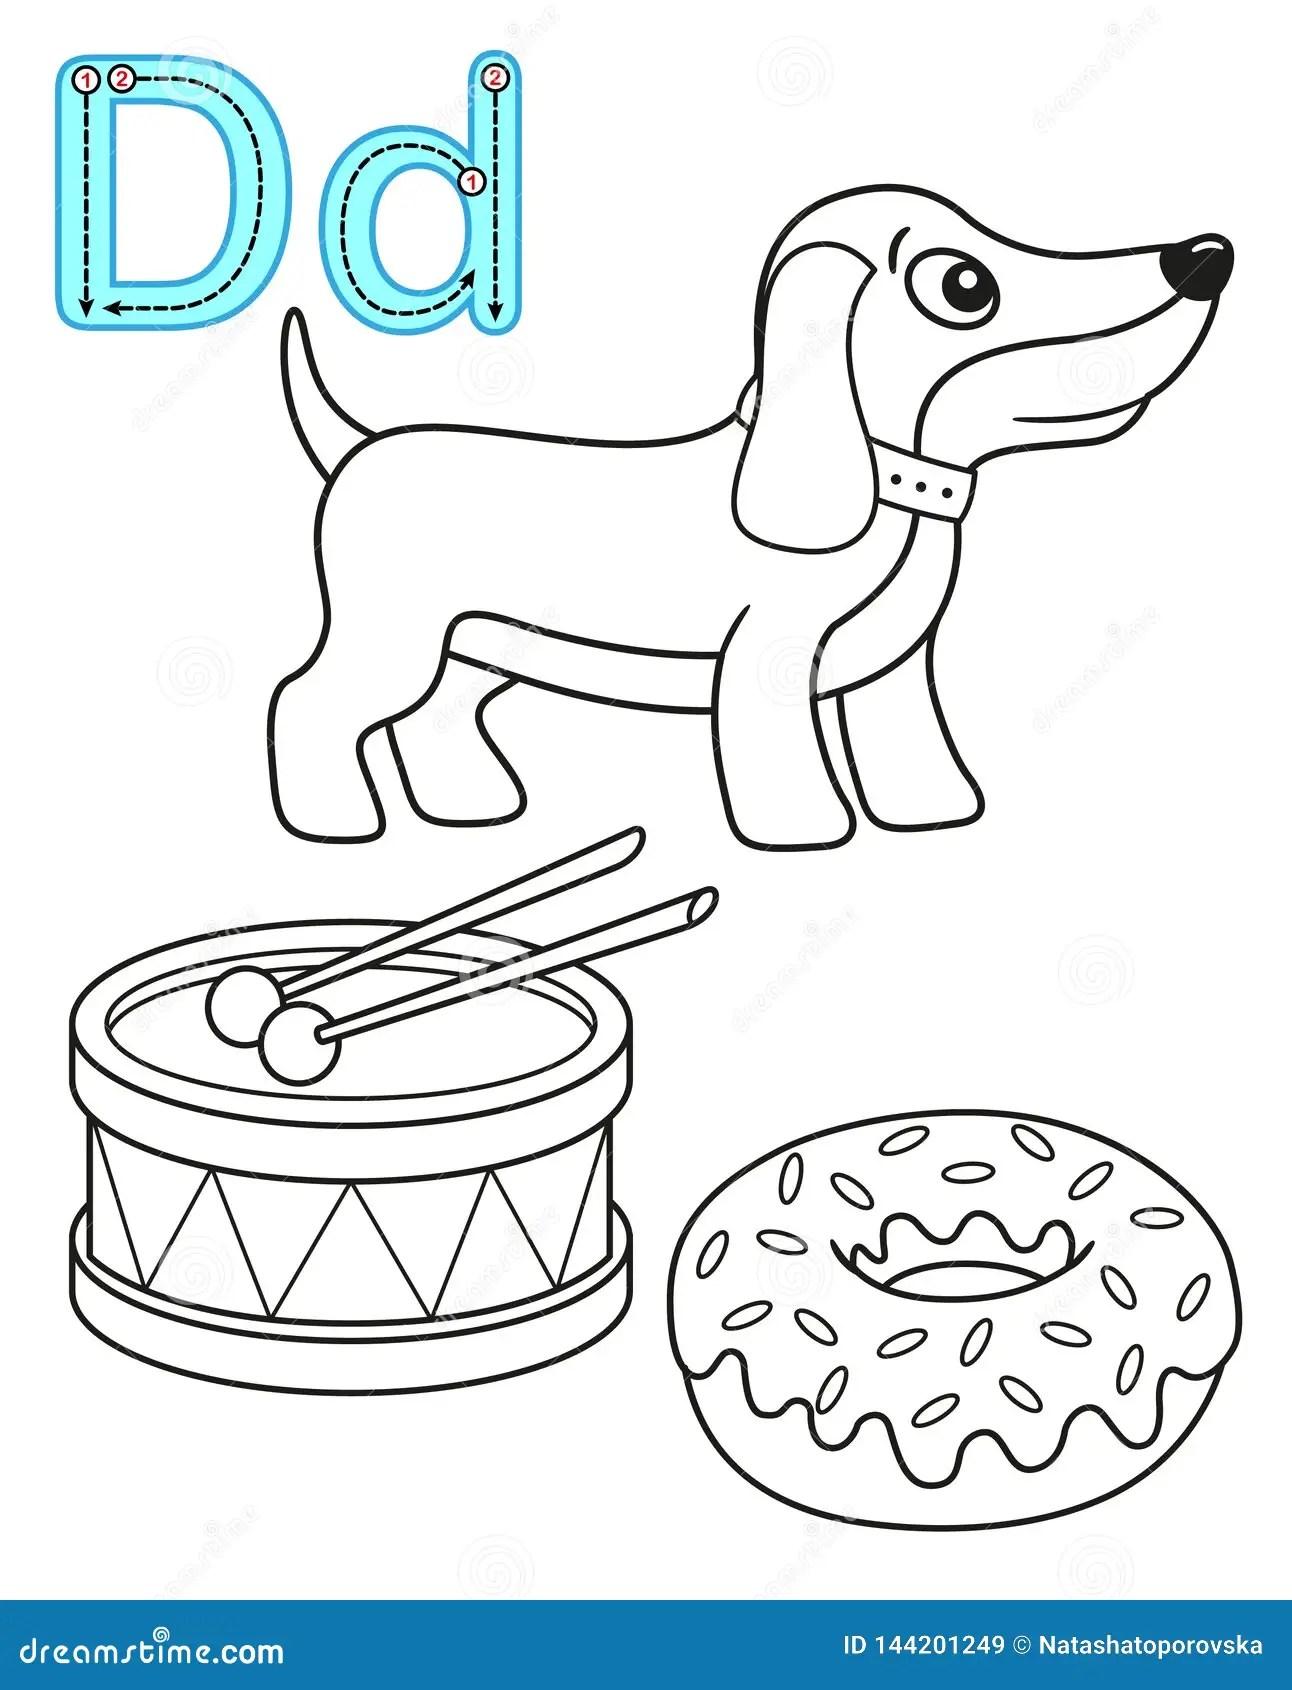 Letter D Dog Stock Illustrations 3 436 Letter D Dog